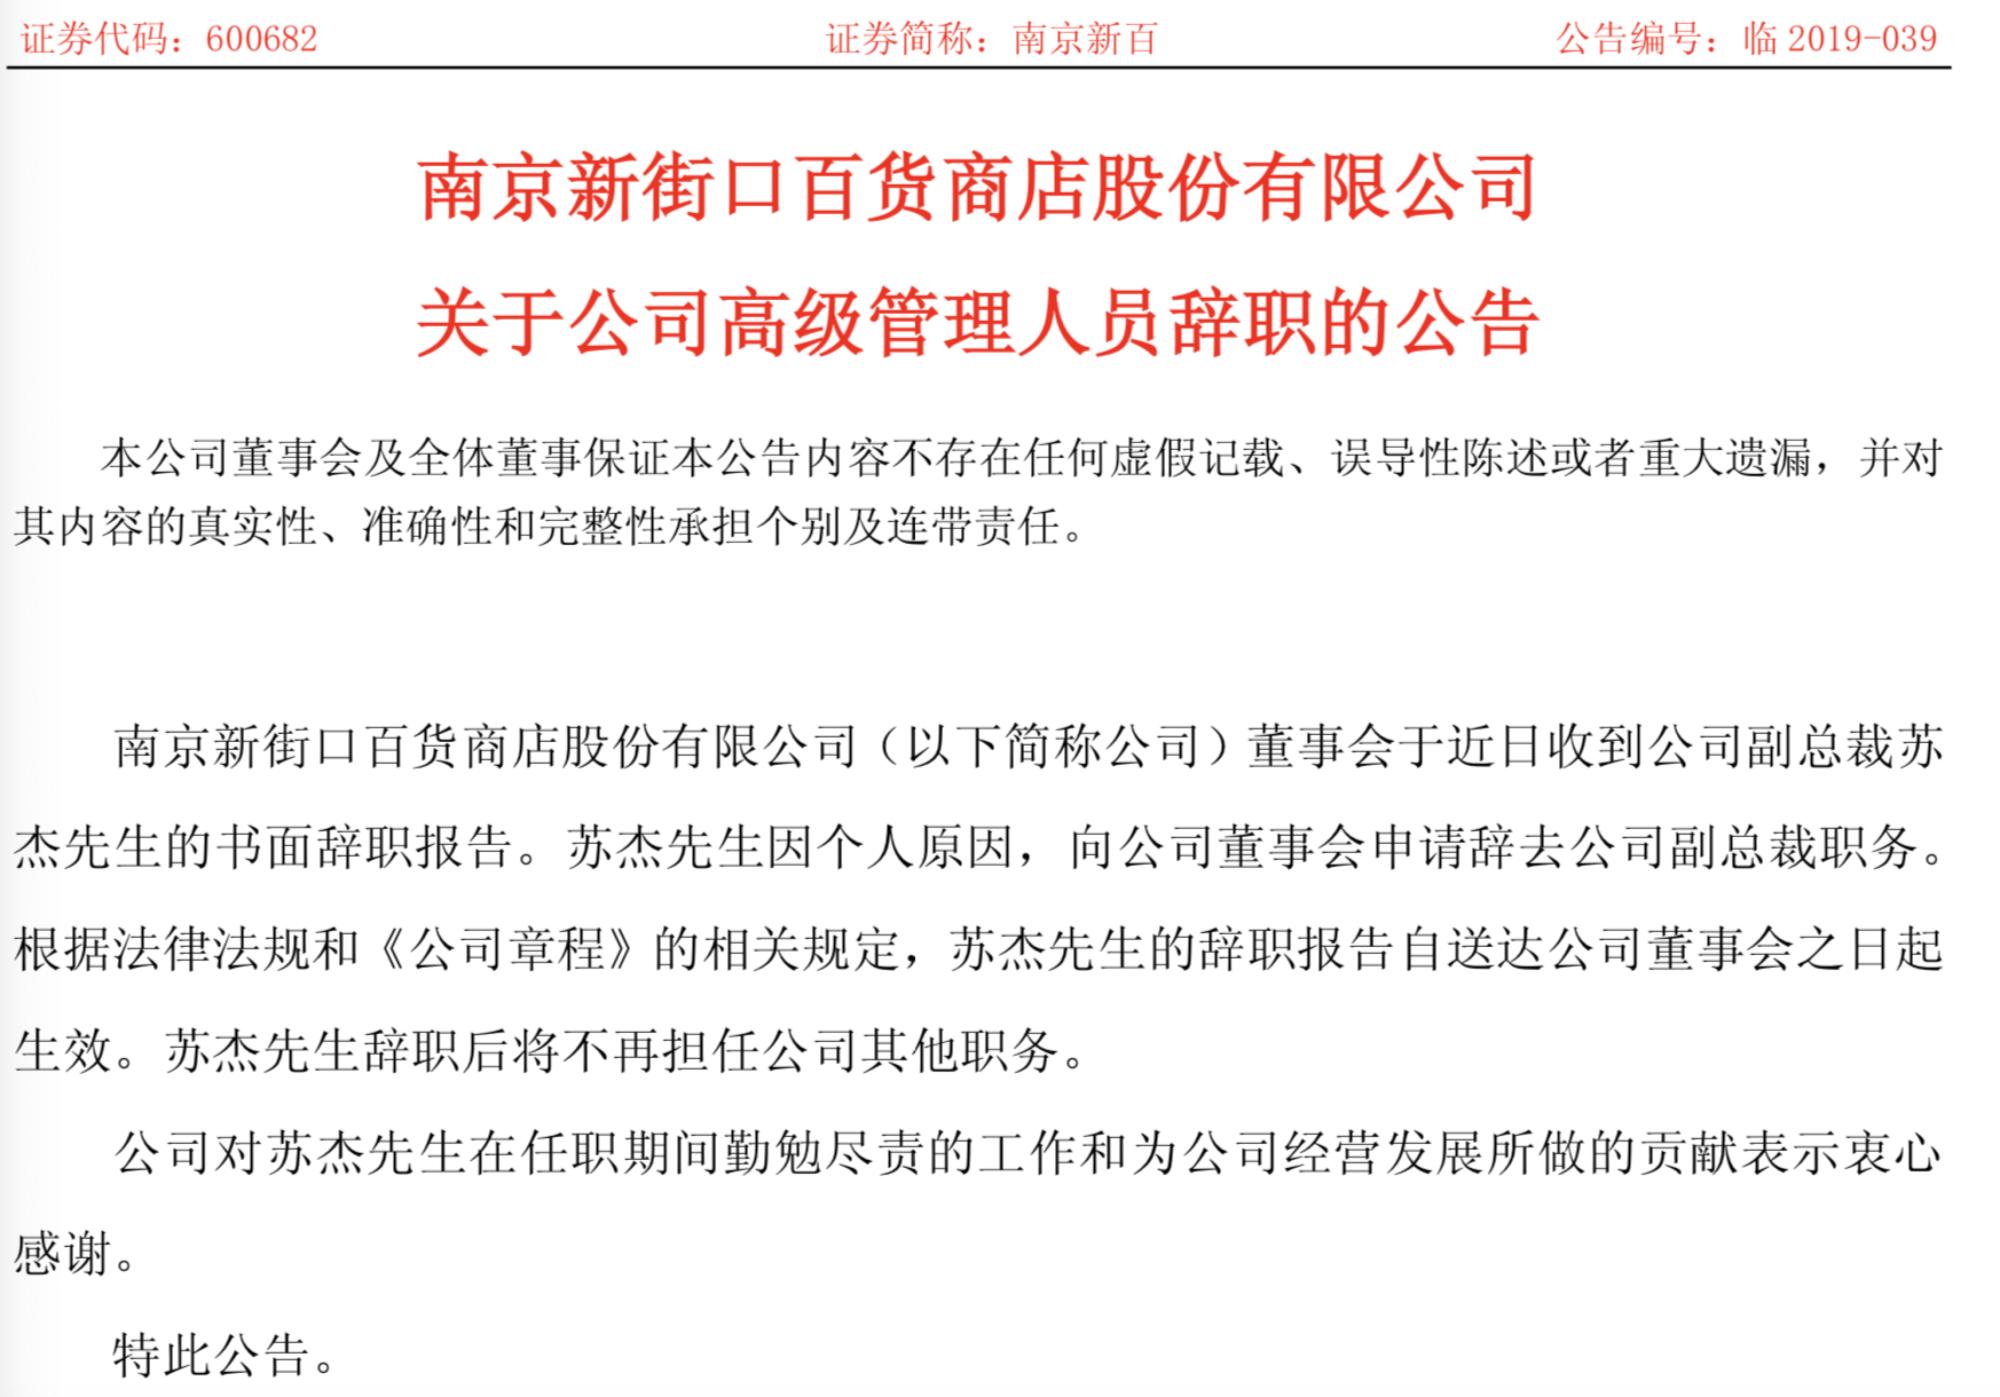 南京新百高层变化:副总裁苏杰辞去职务